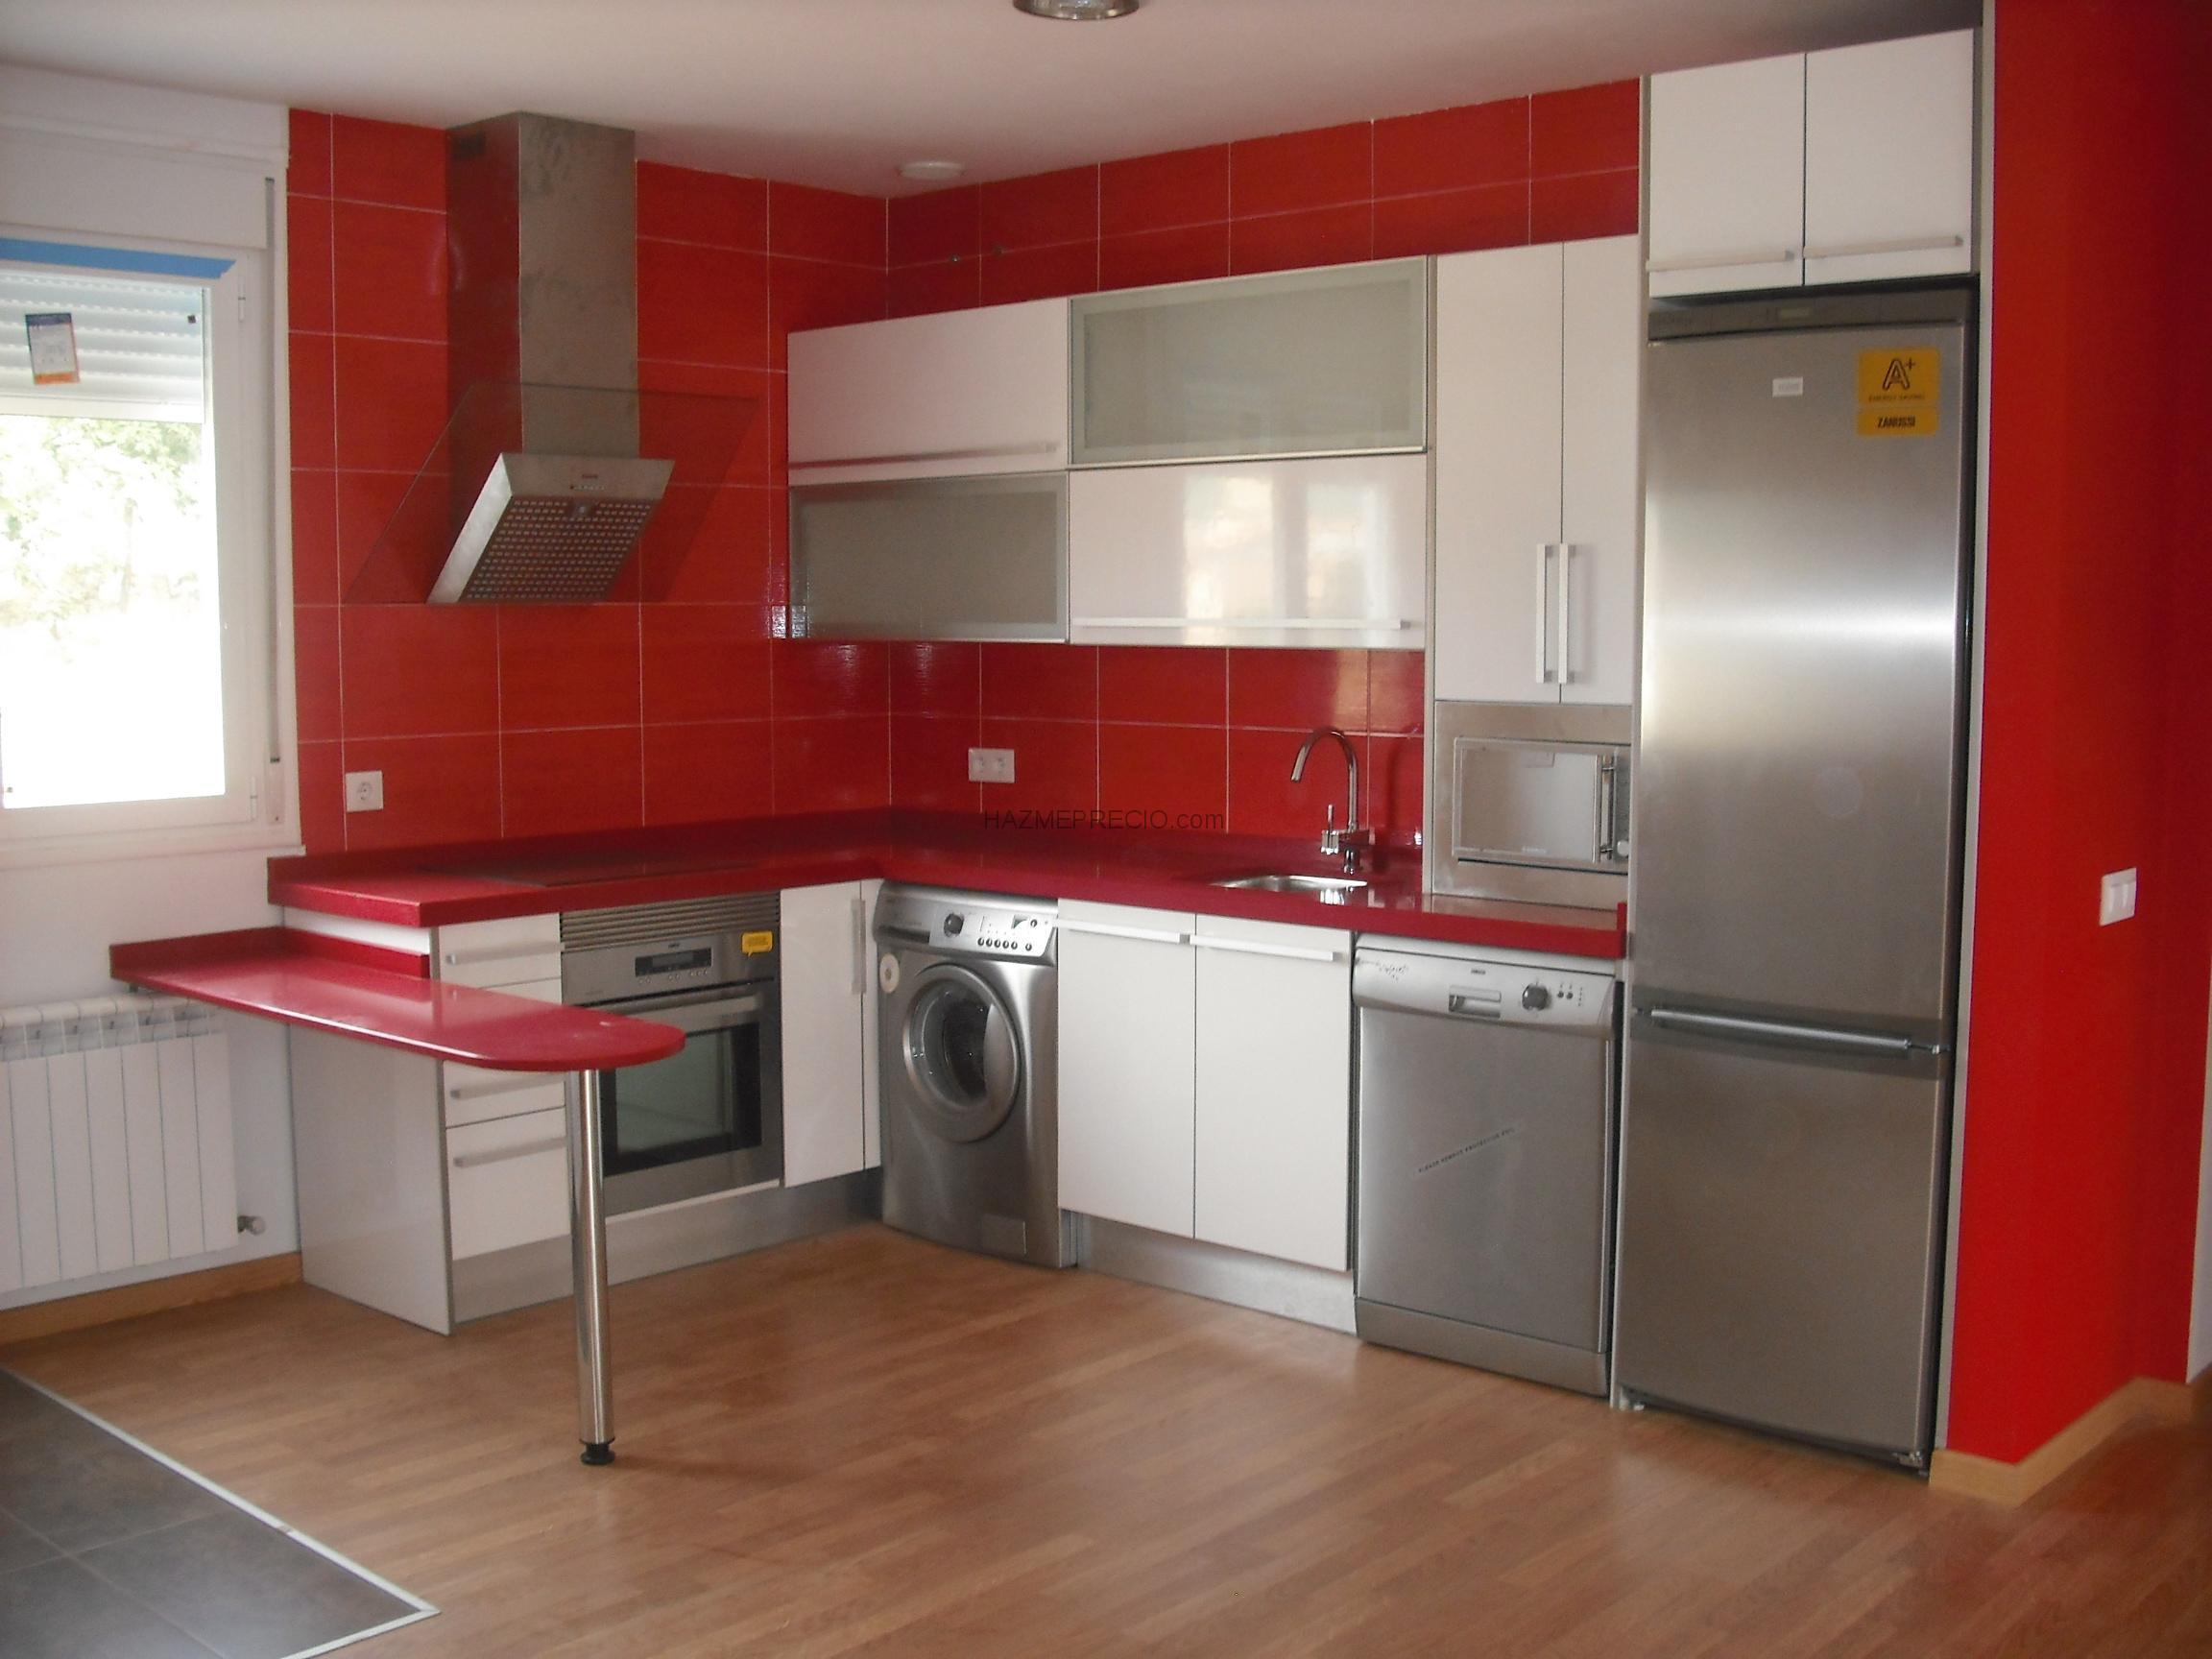 Modelos de cocinas integrales clsicas y modernas para todo for Modelos de cocinas